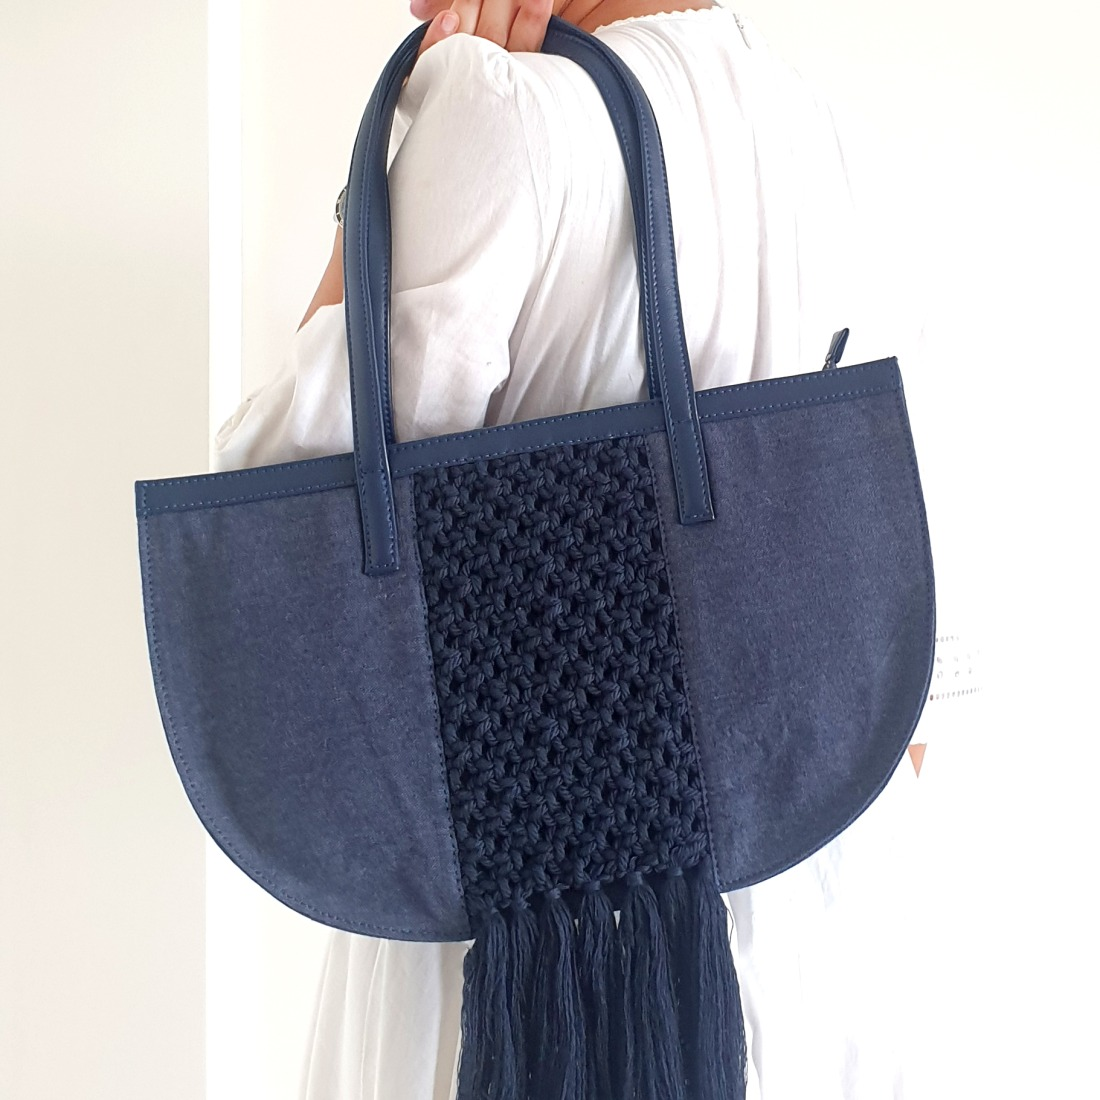 Handbag with Macrame Details - Denim Blue